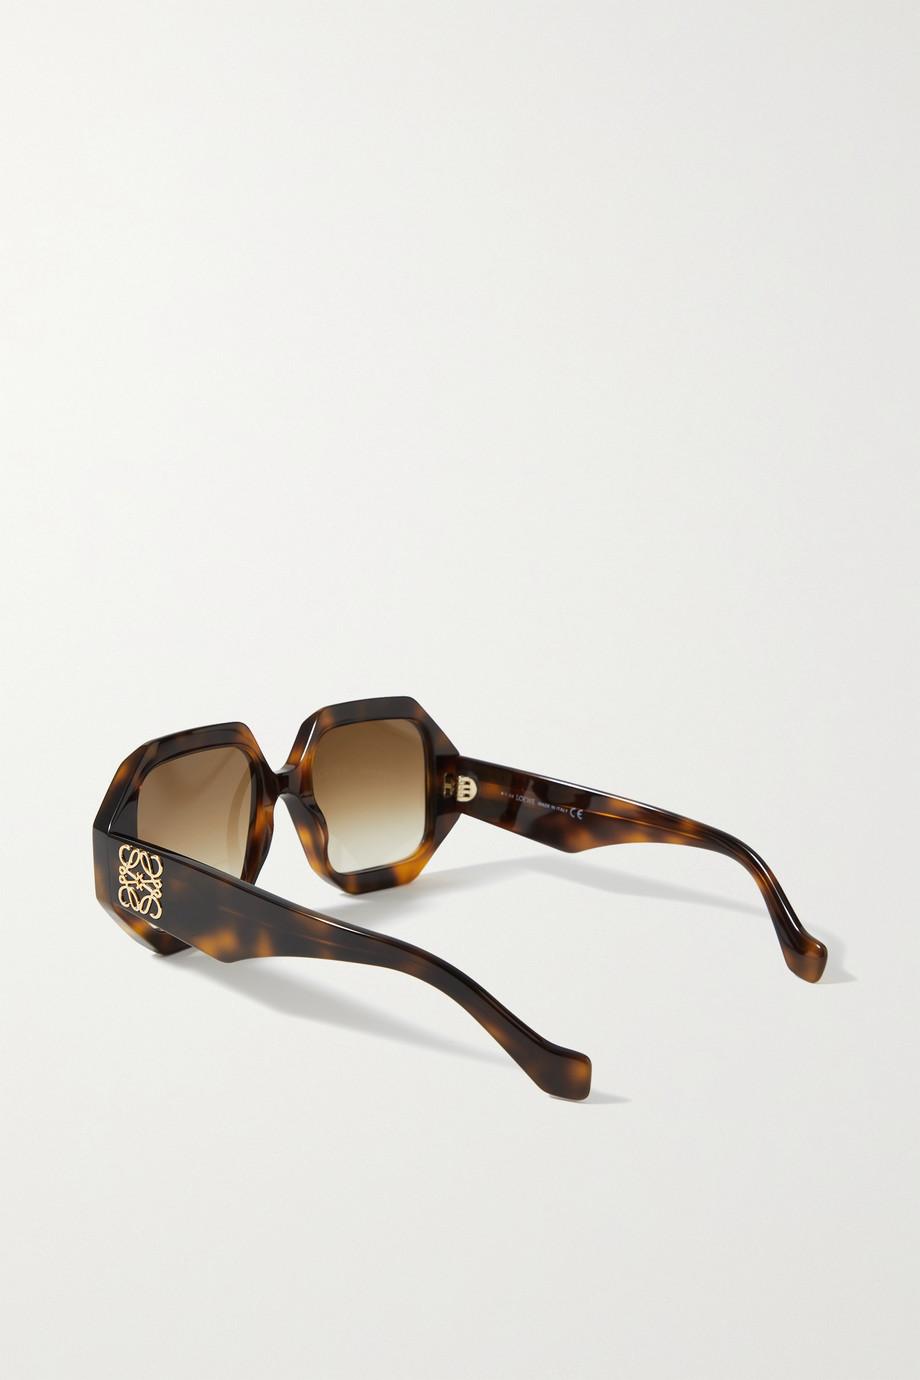 Loewe Sonnenbrille mit achteckigem Rahmen aus Azetat in Hornoptik